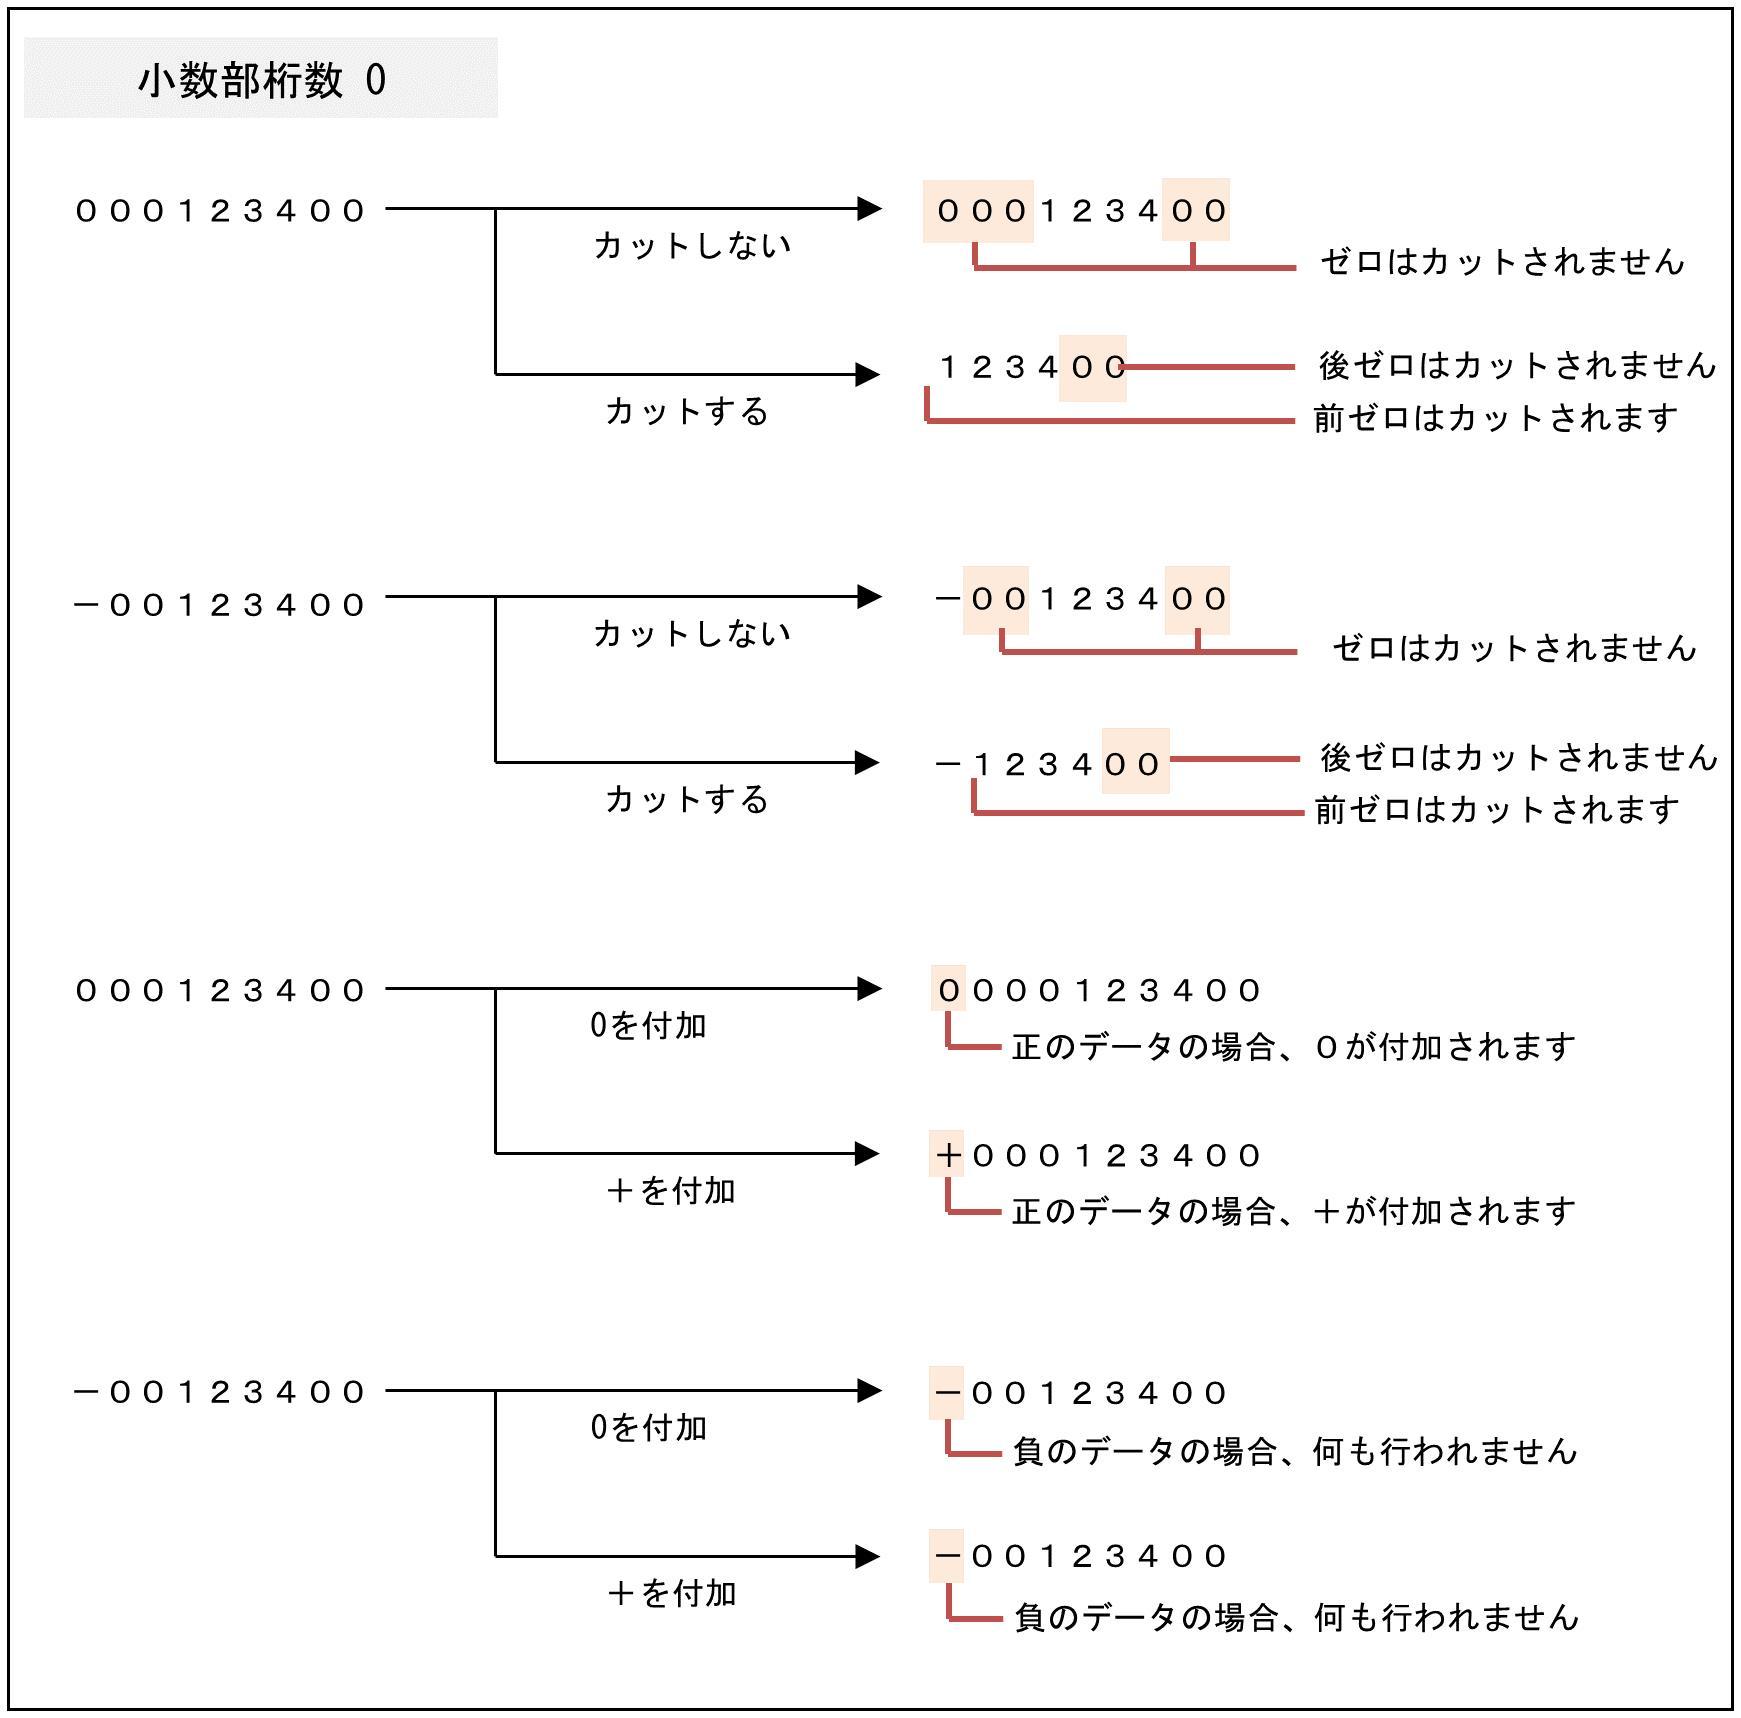 公式】出力ファイル情報の設定